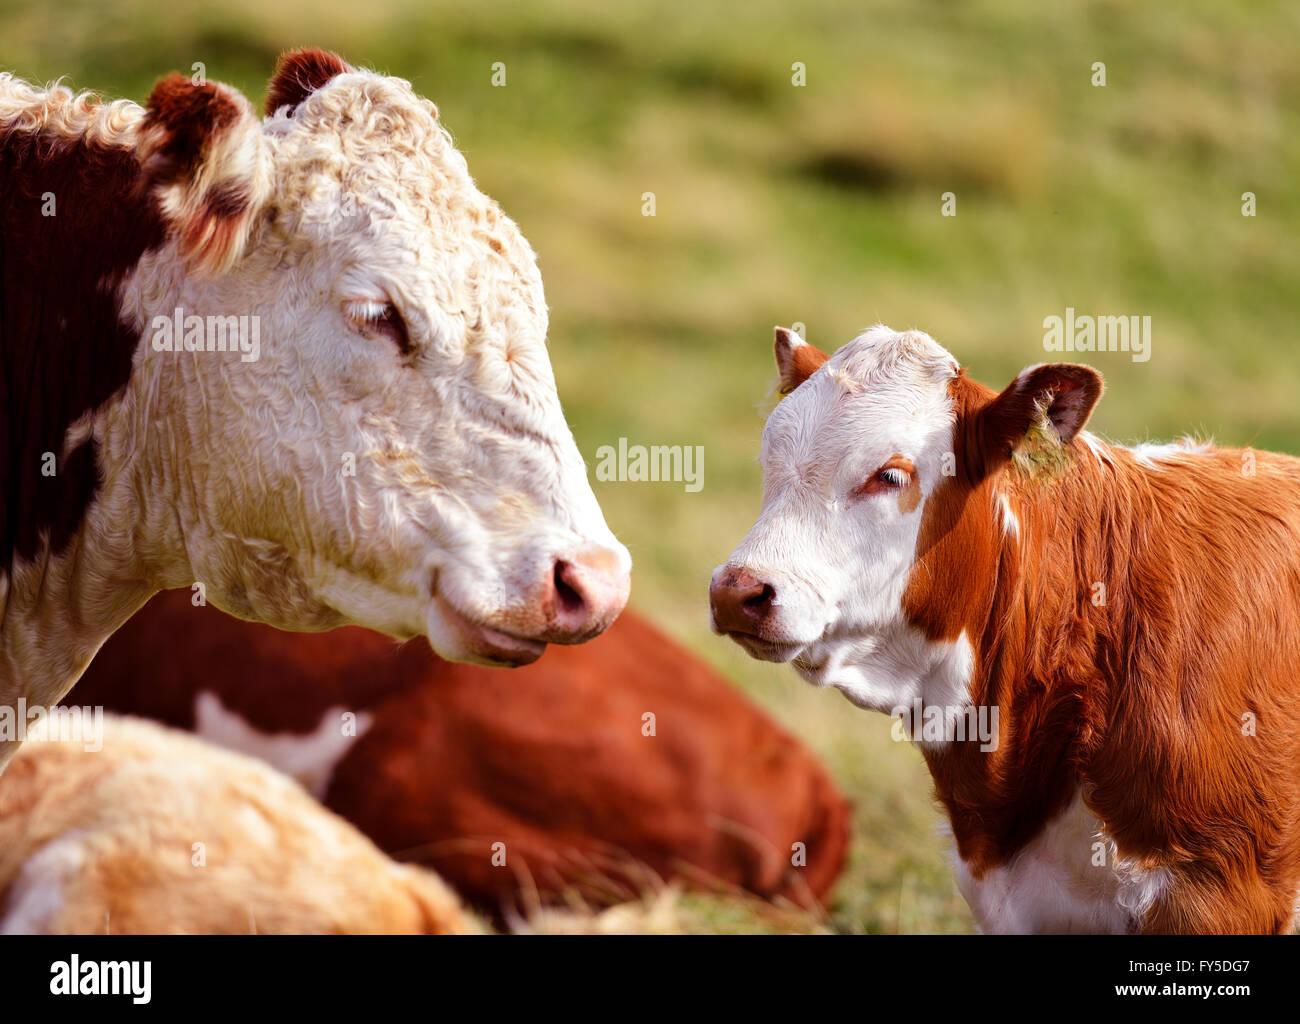 Kuh und Kalb sehen einander an. Stockbild